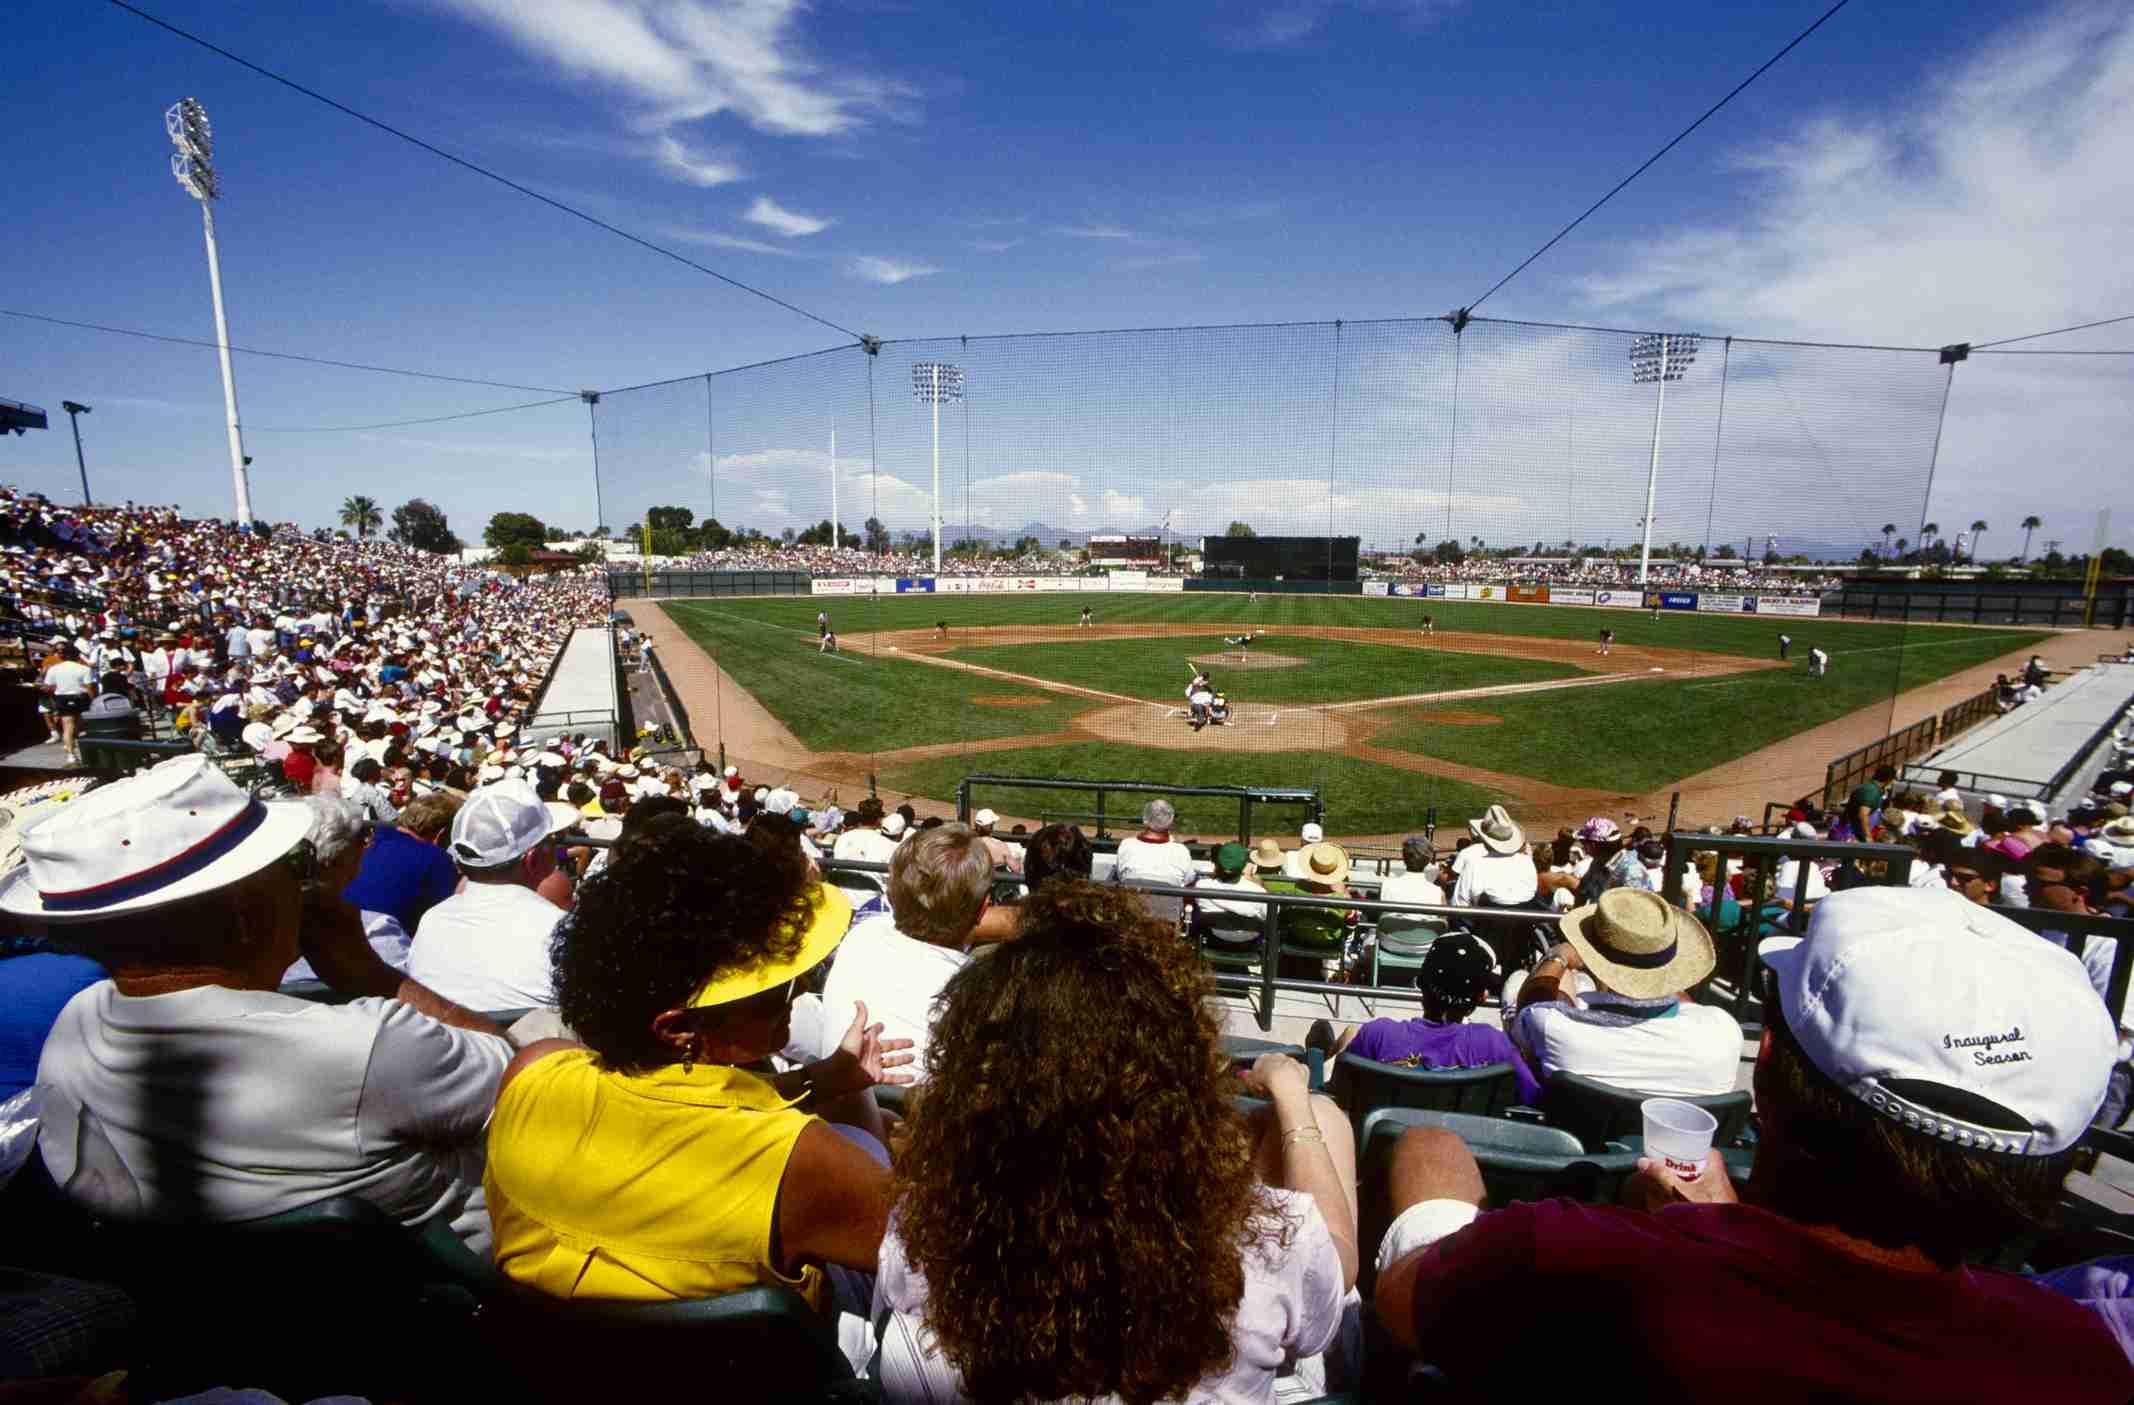 Spring training baseball at Scottsdale Stadium, Arizona